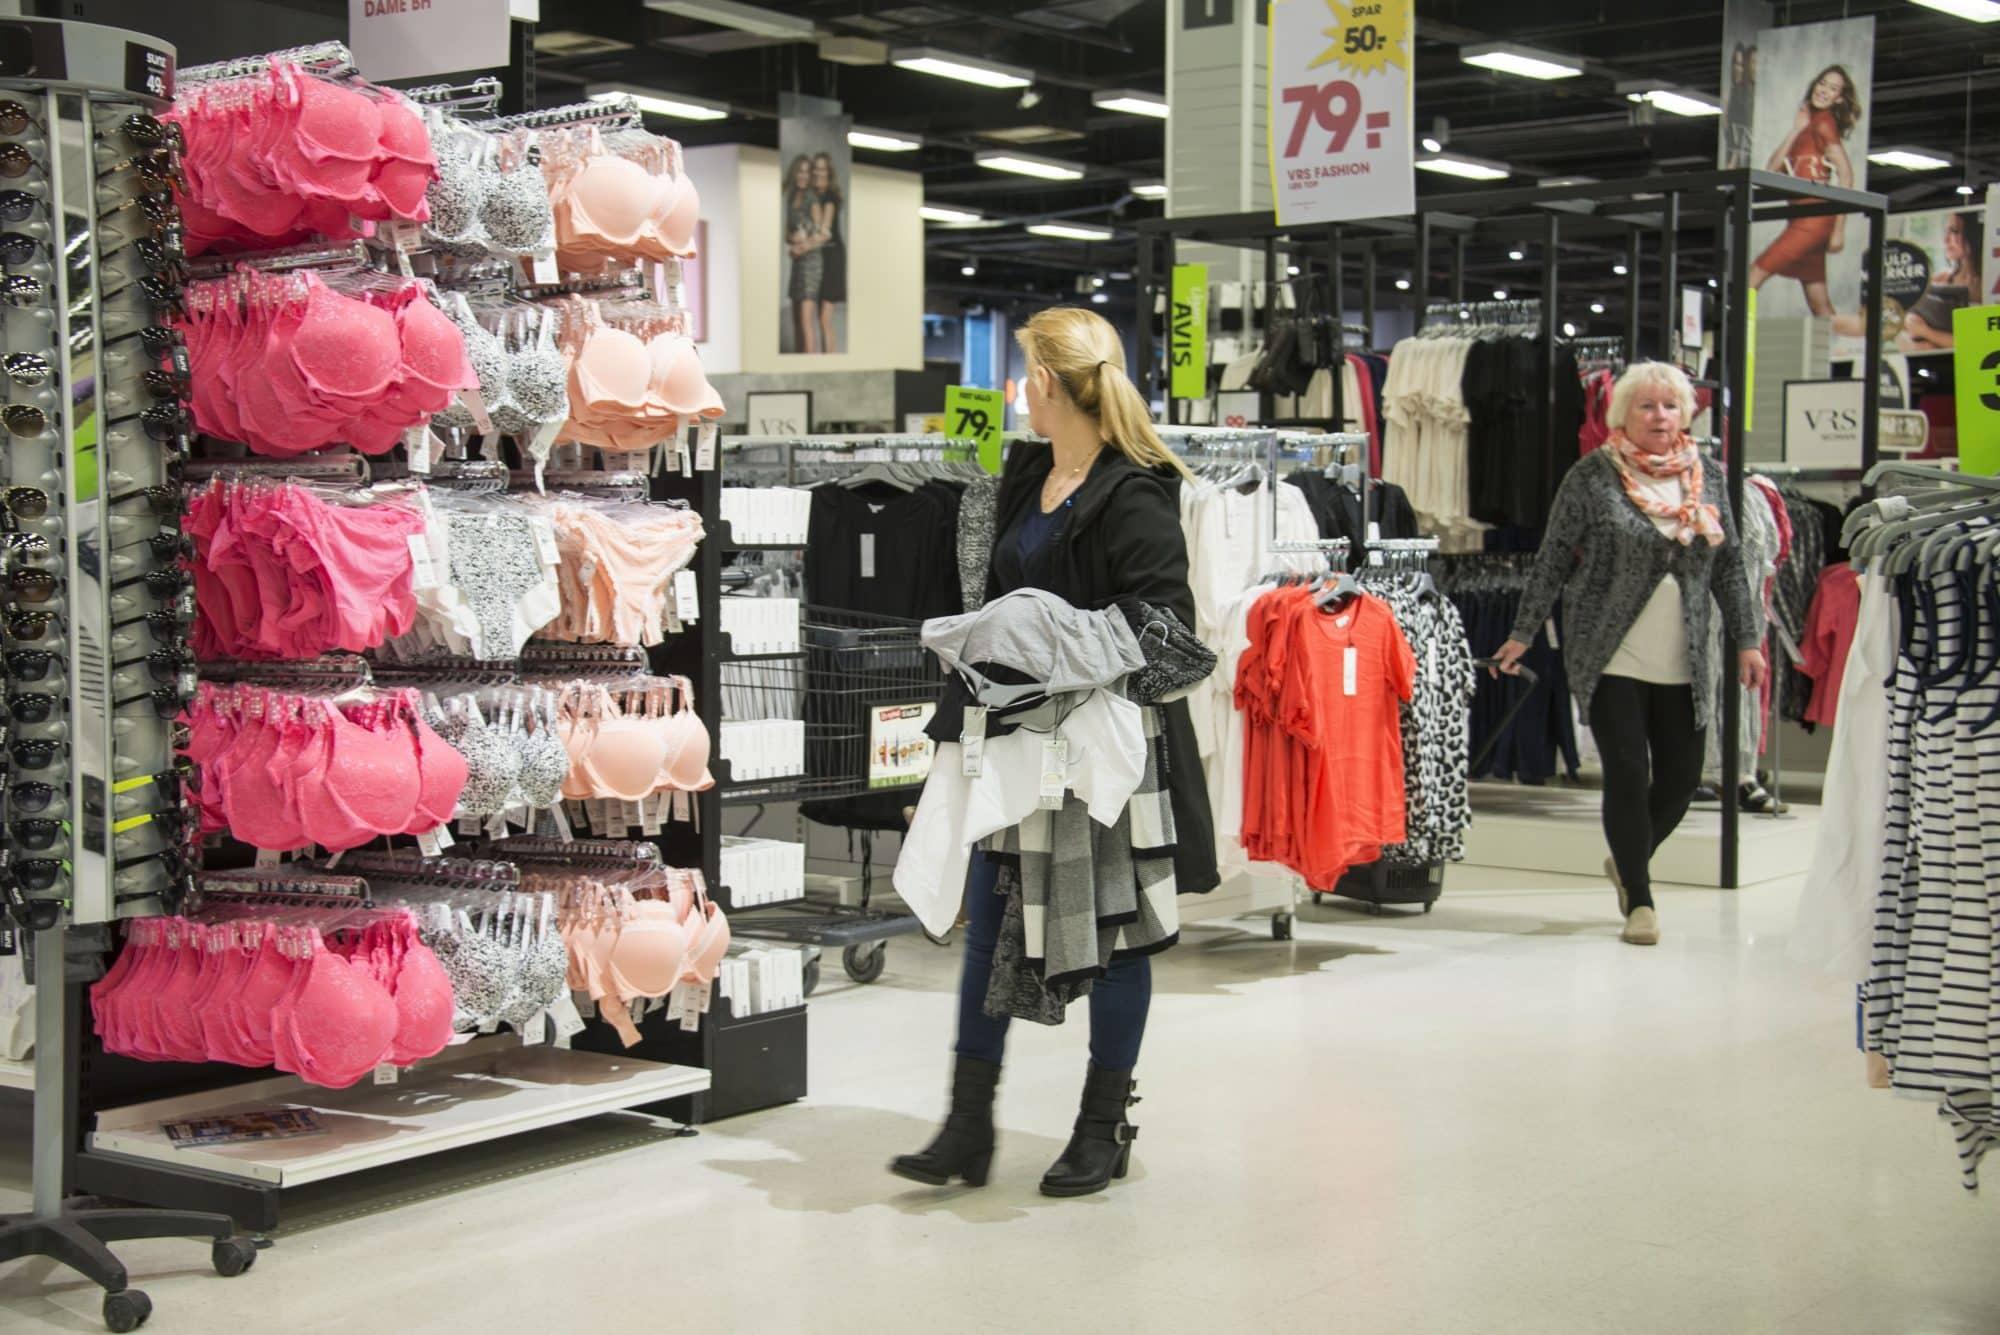 9de854d5cad8 Dansk Supermarked er blevet en stor spiller på tøjmarkedet - RetailNews